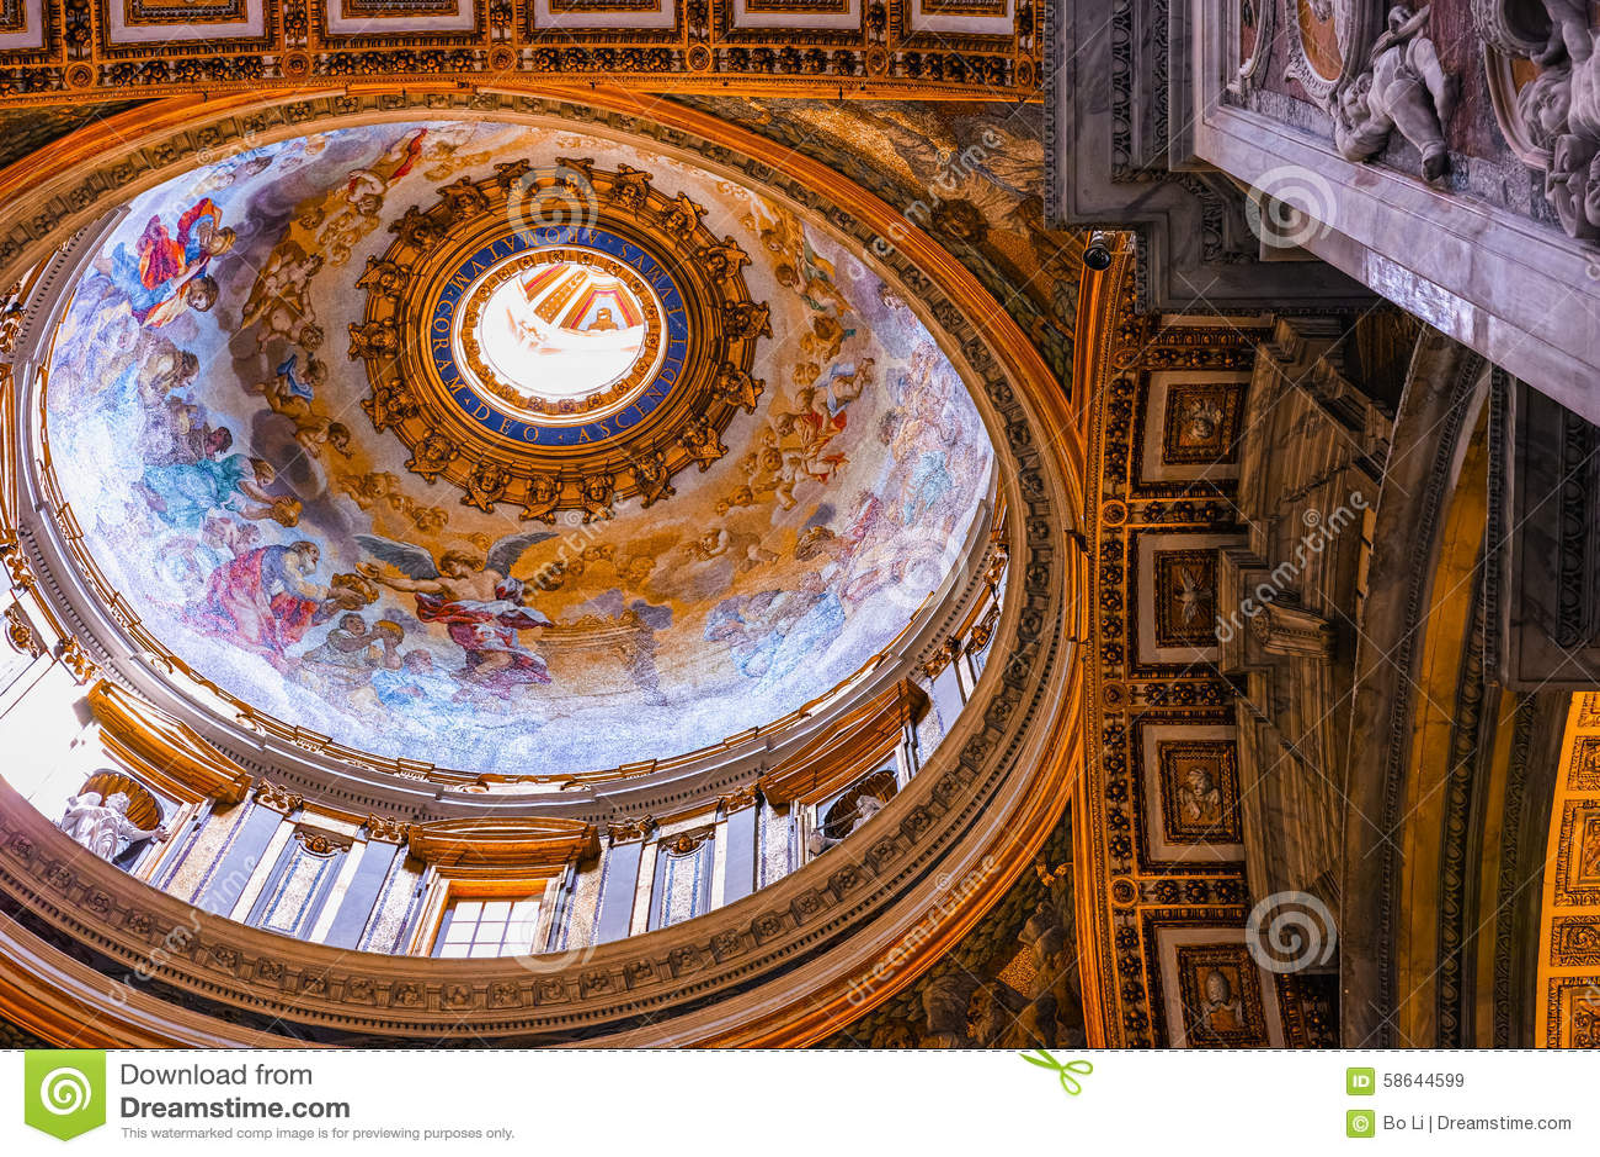 https://thumbs.dreamstime.com/z/toit-%C3%A0-l-int%C3%A9rieur-de-st-peters-church-58644599.jpg